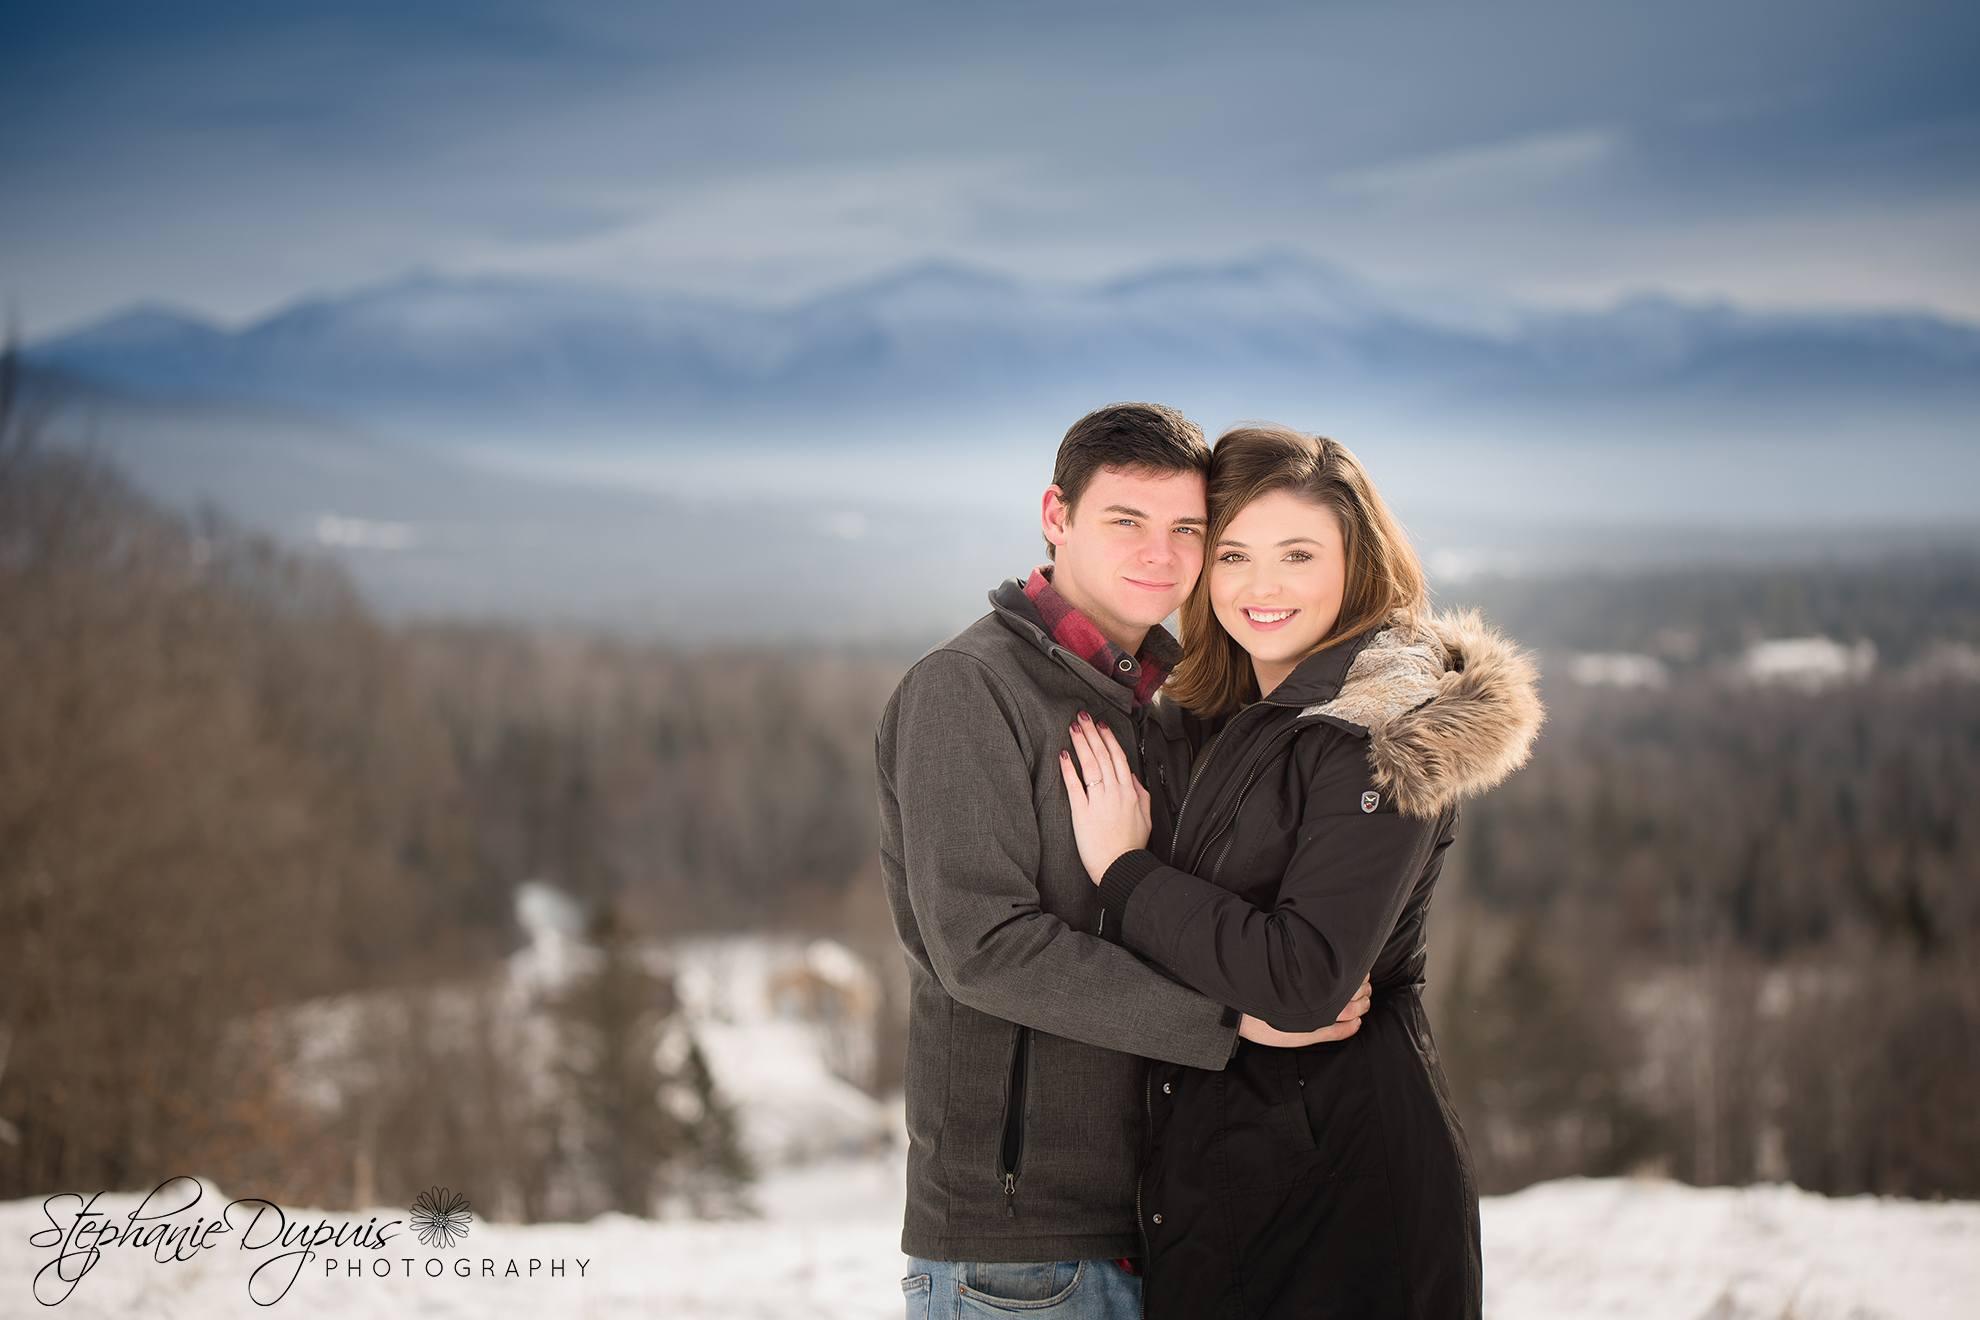 Engagement Photographer 04 - Portfolio: Ethan & Baylee's Engagement